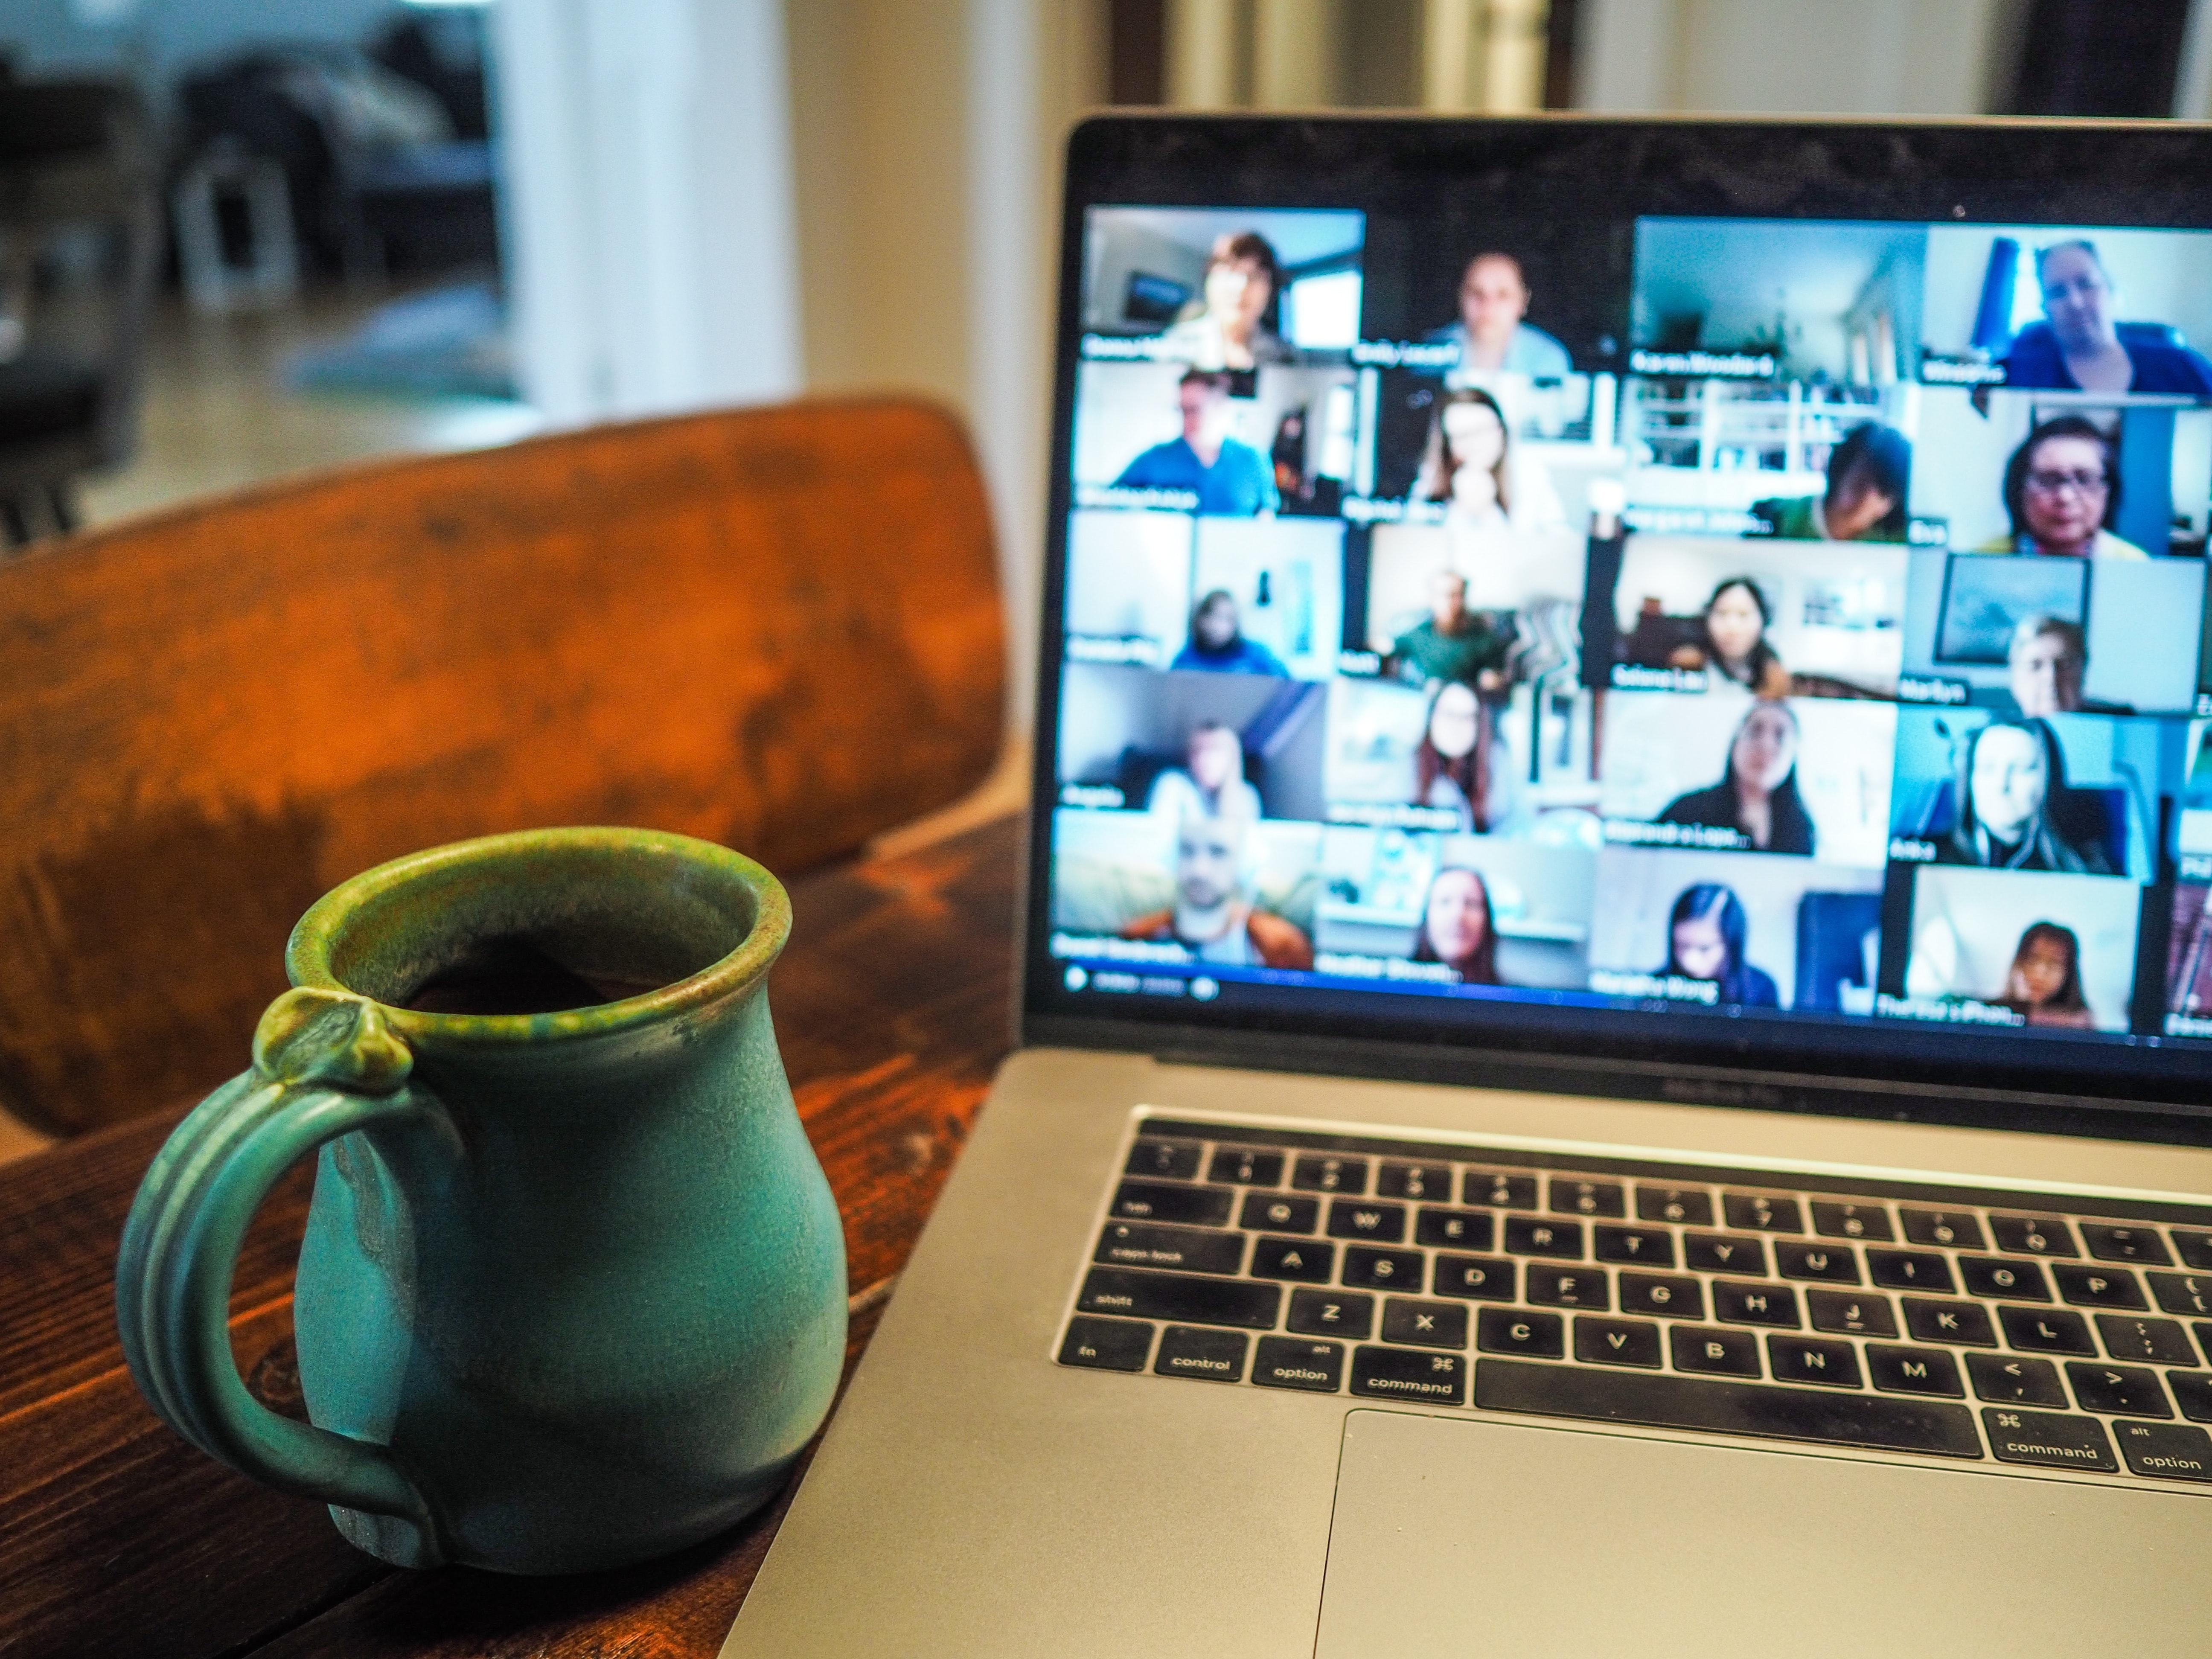 Team video meeting